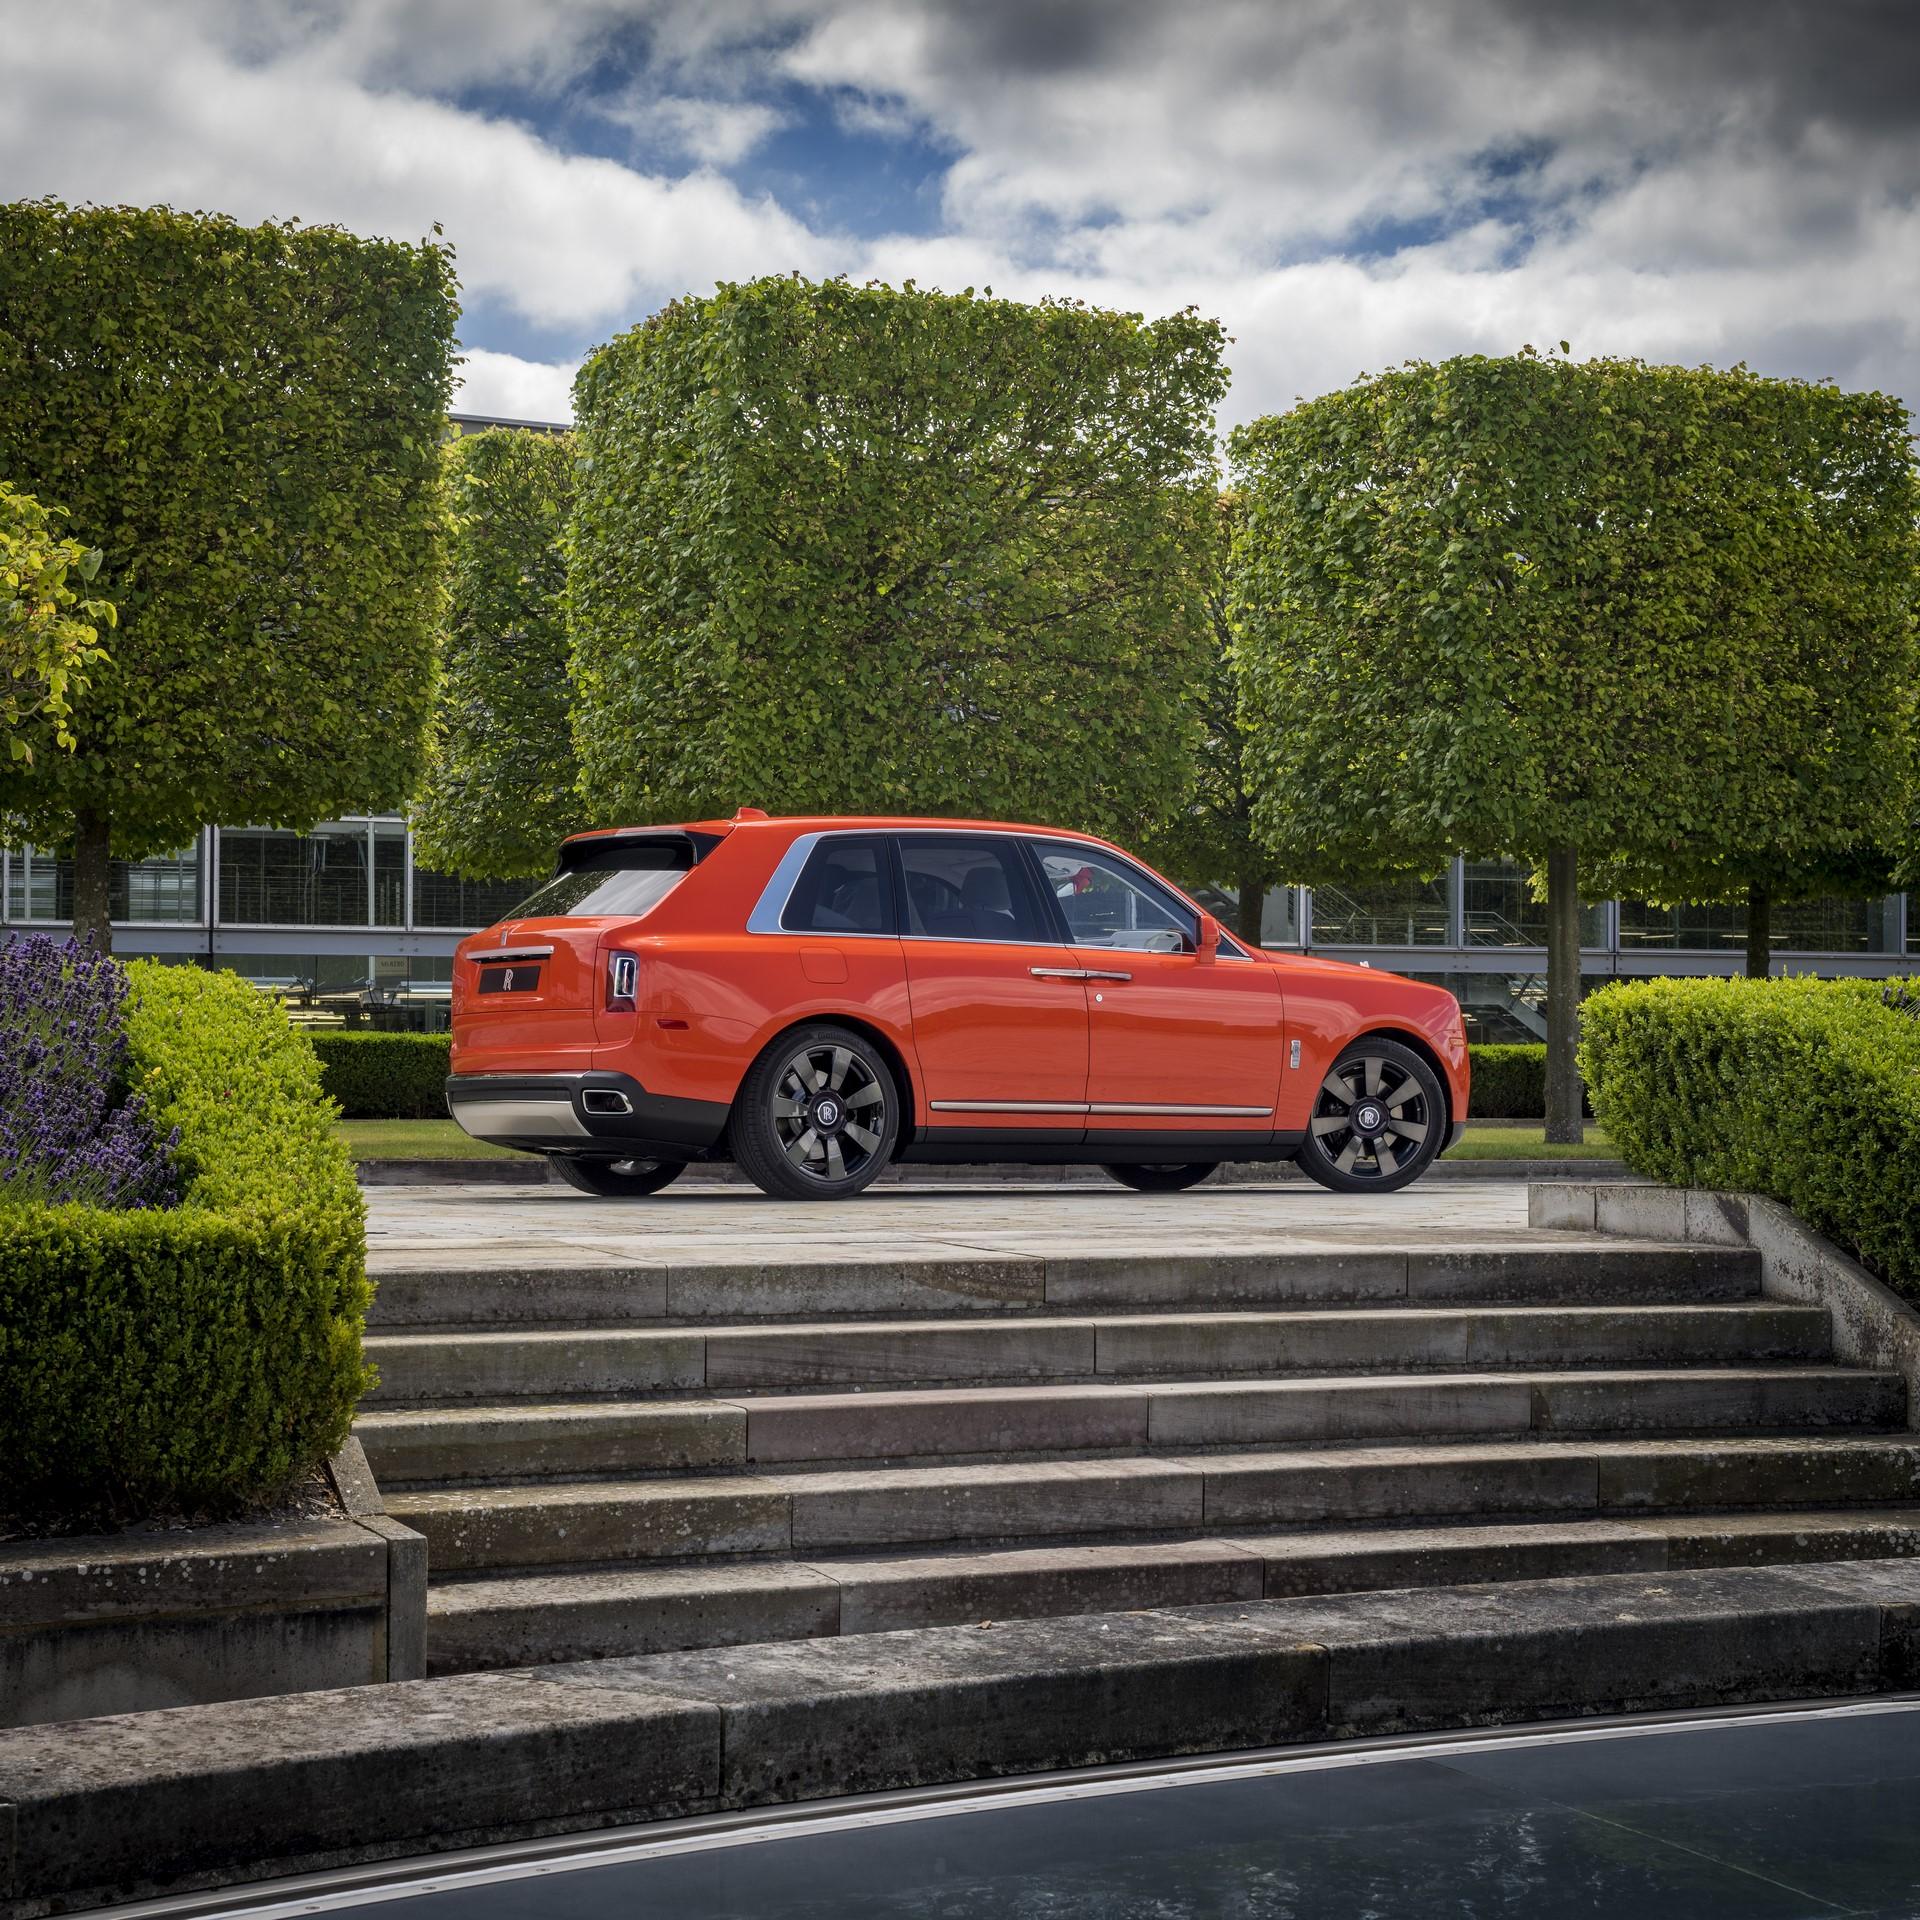 Rolls-Royce-Cullinan-Orange-Fux-4